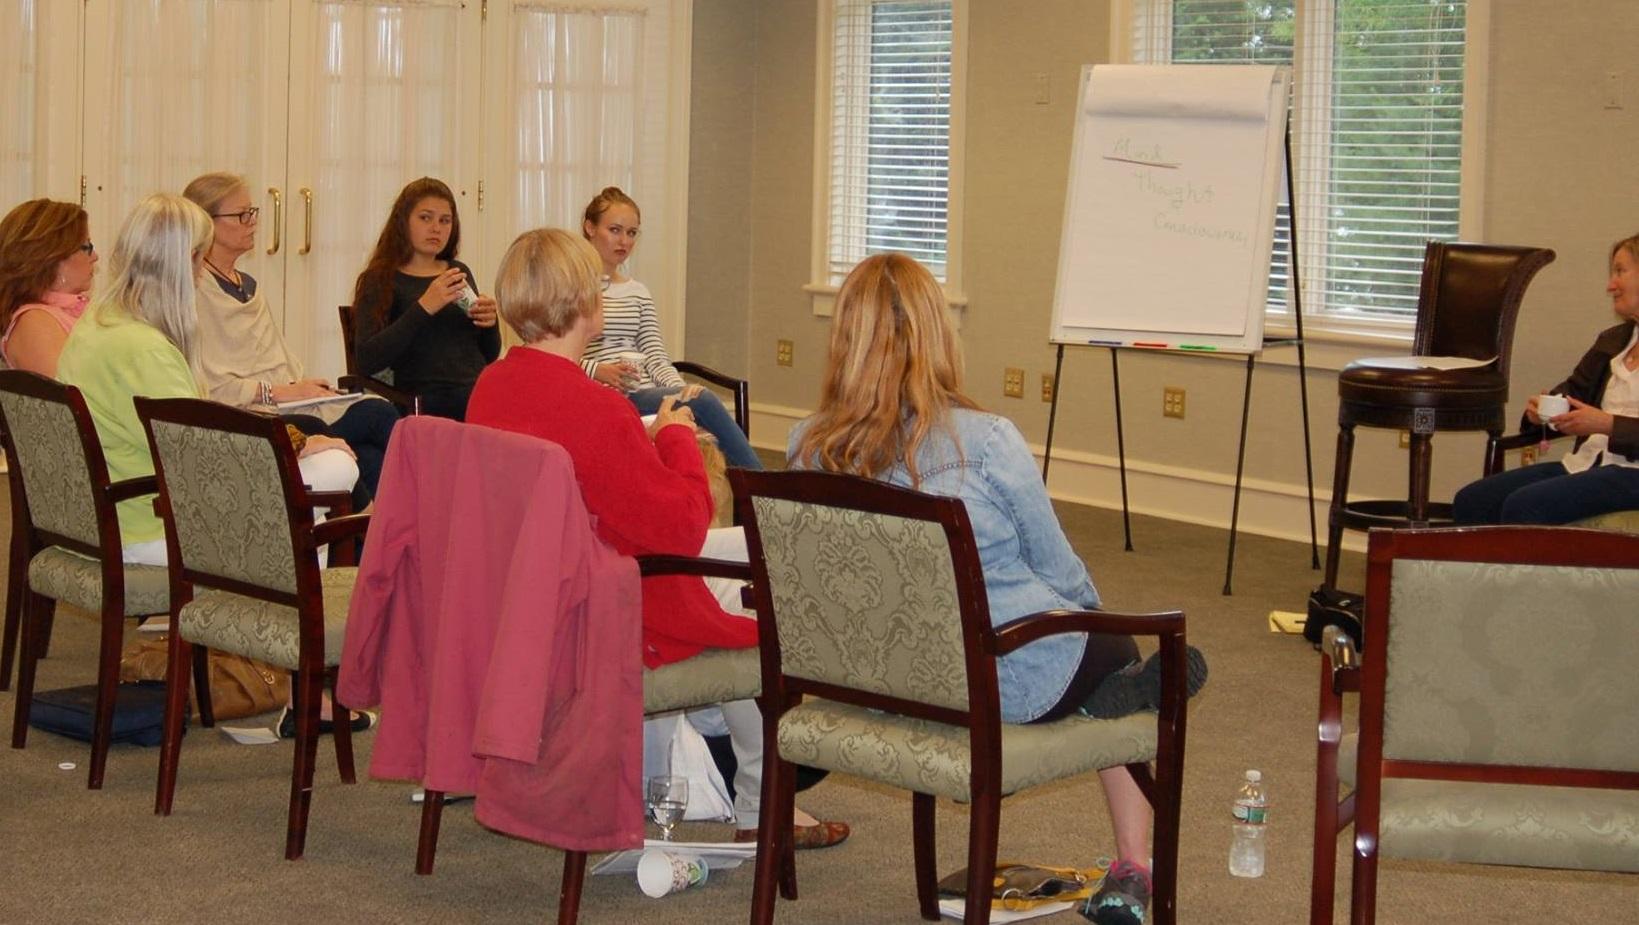 Annika Hurwitt Seminars for Women